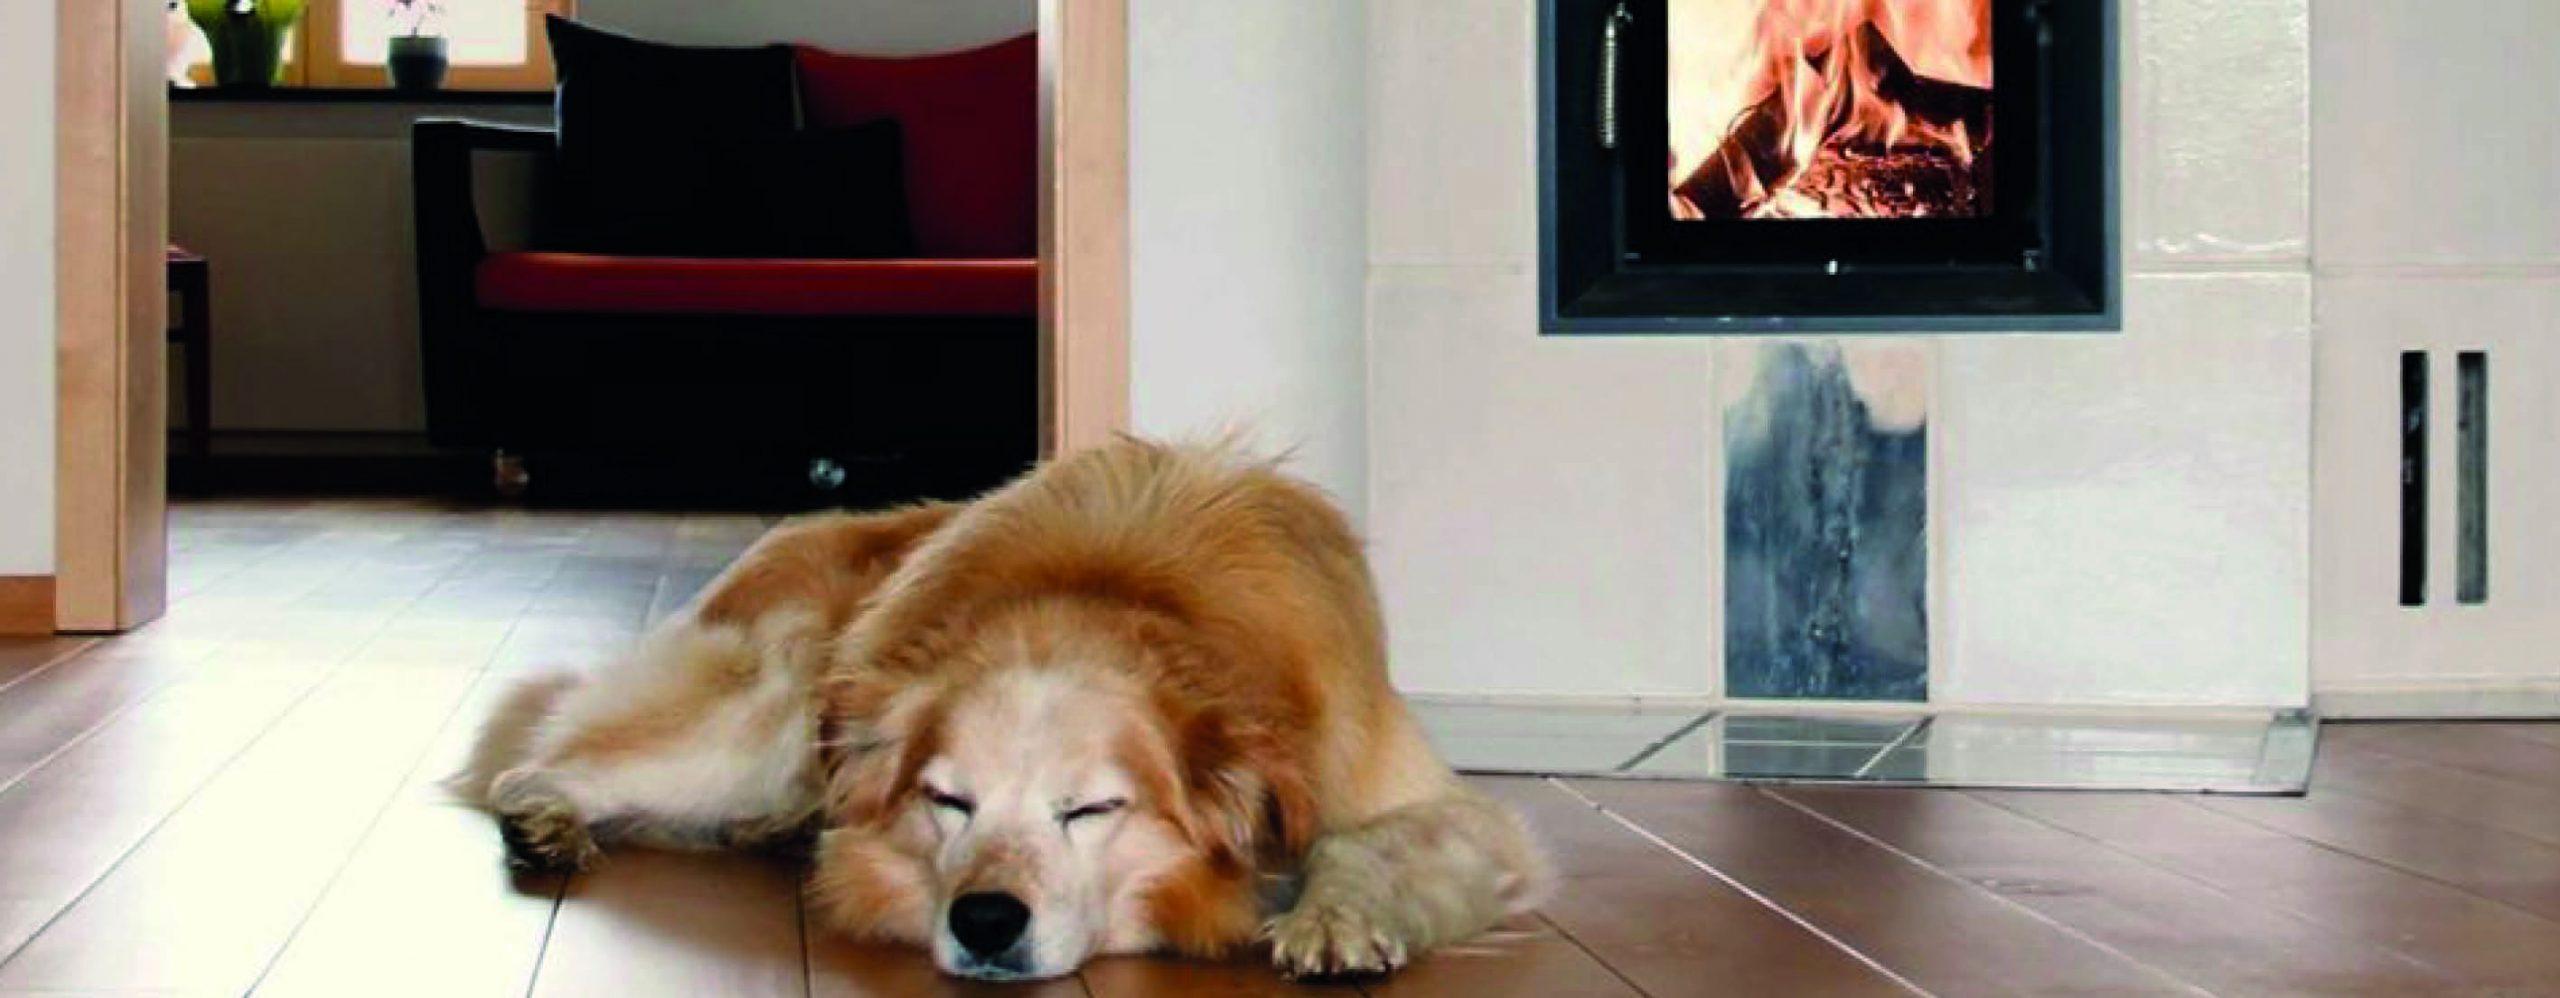 Hund liegt vor Ofen